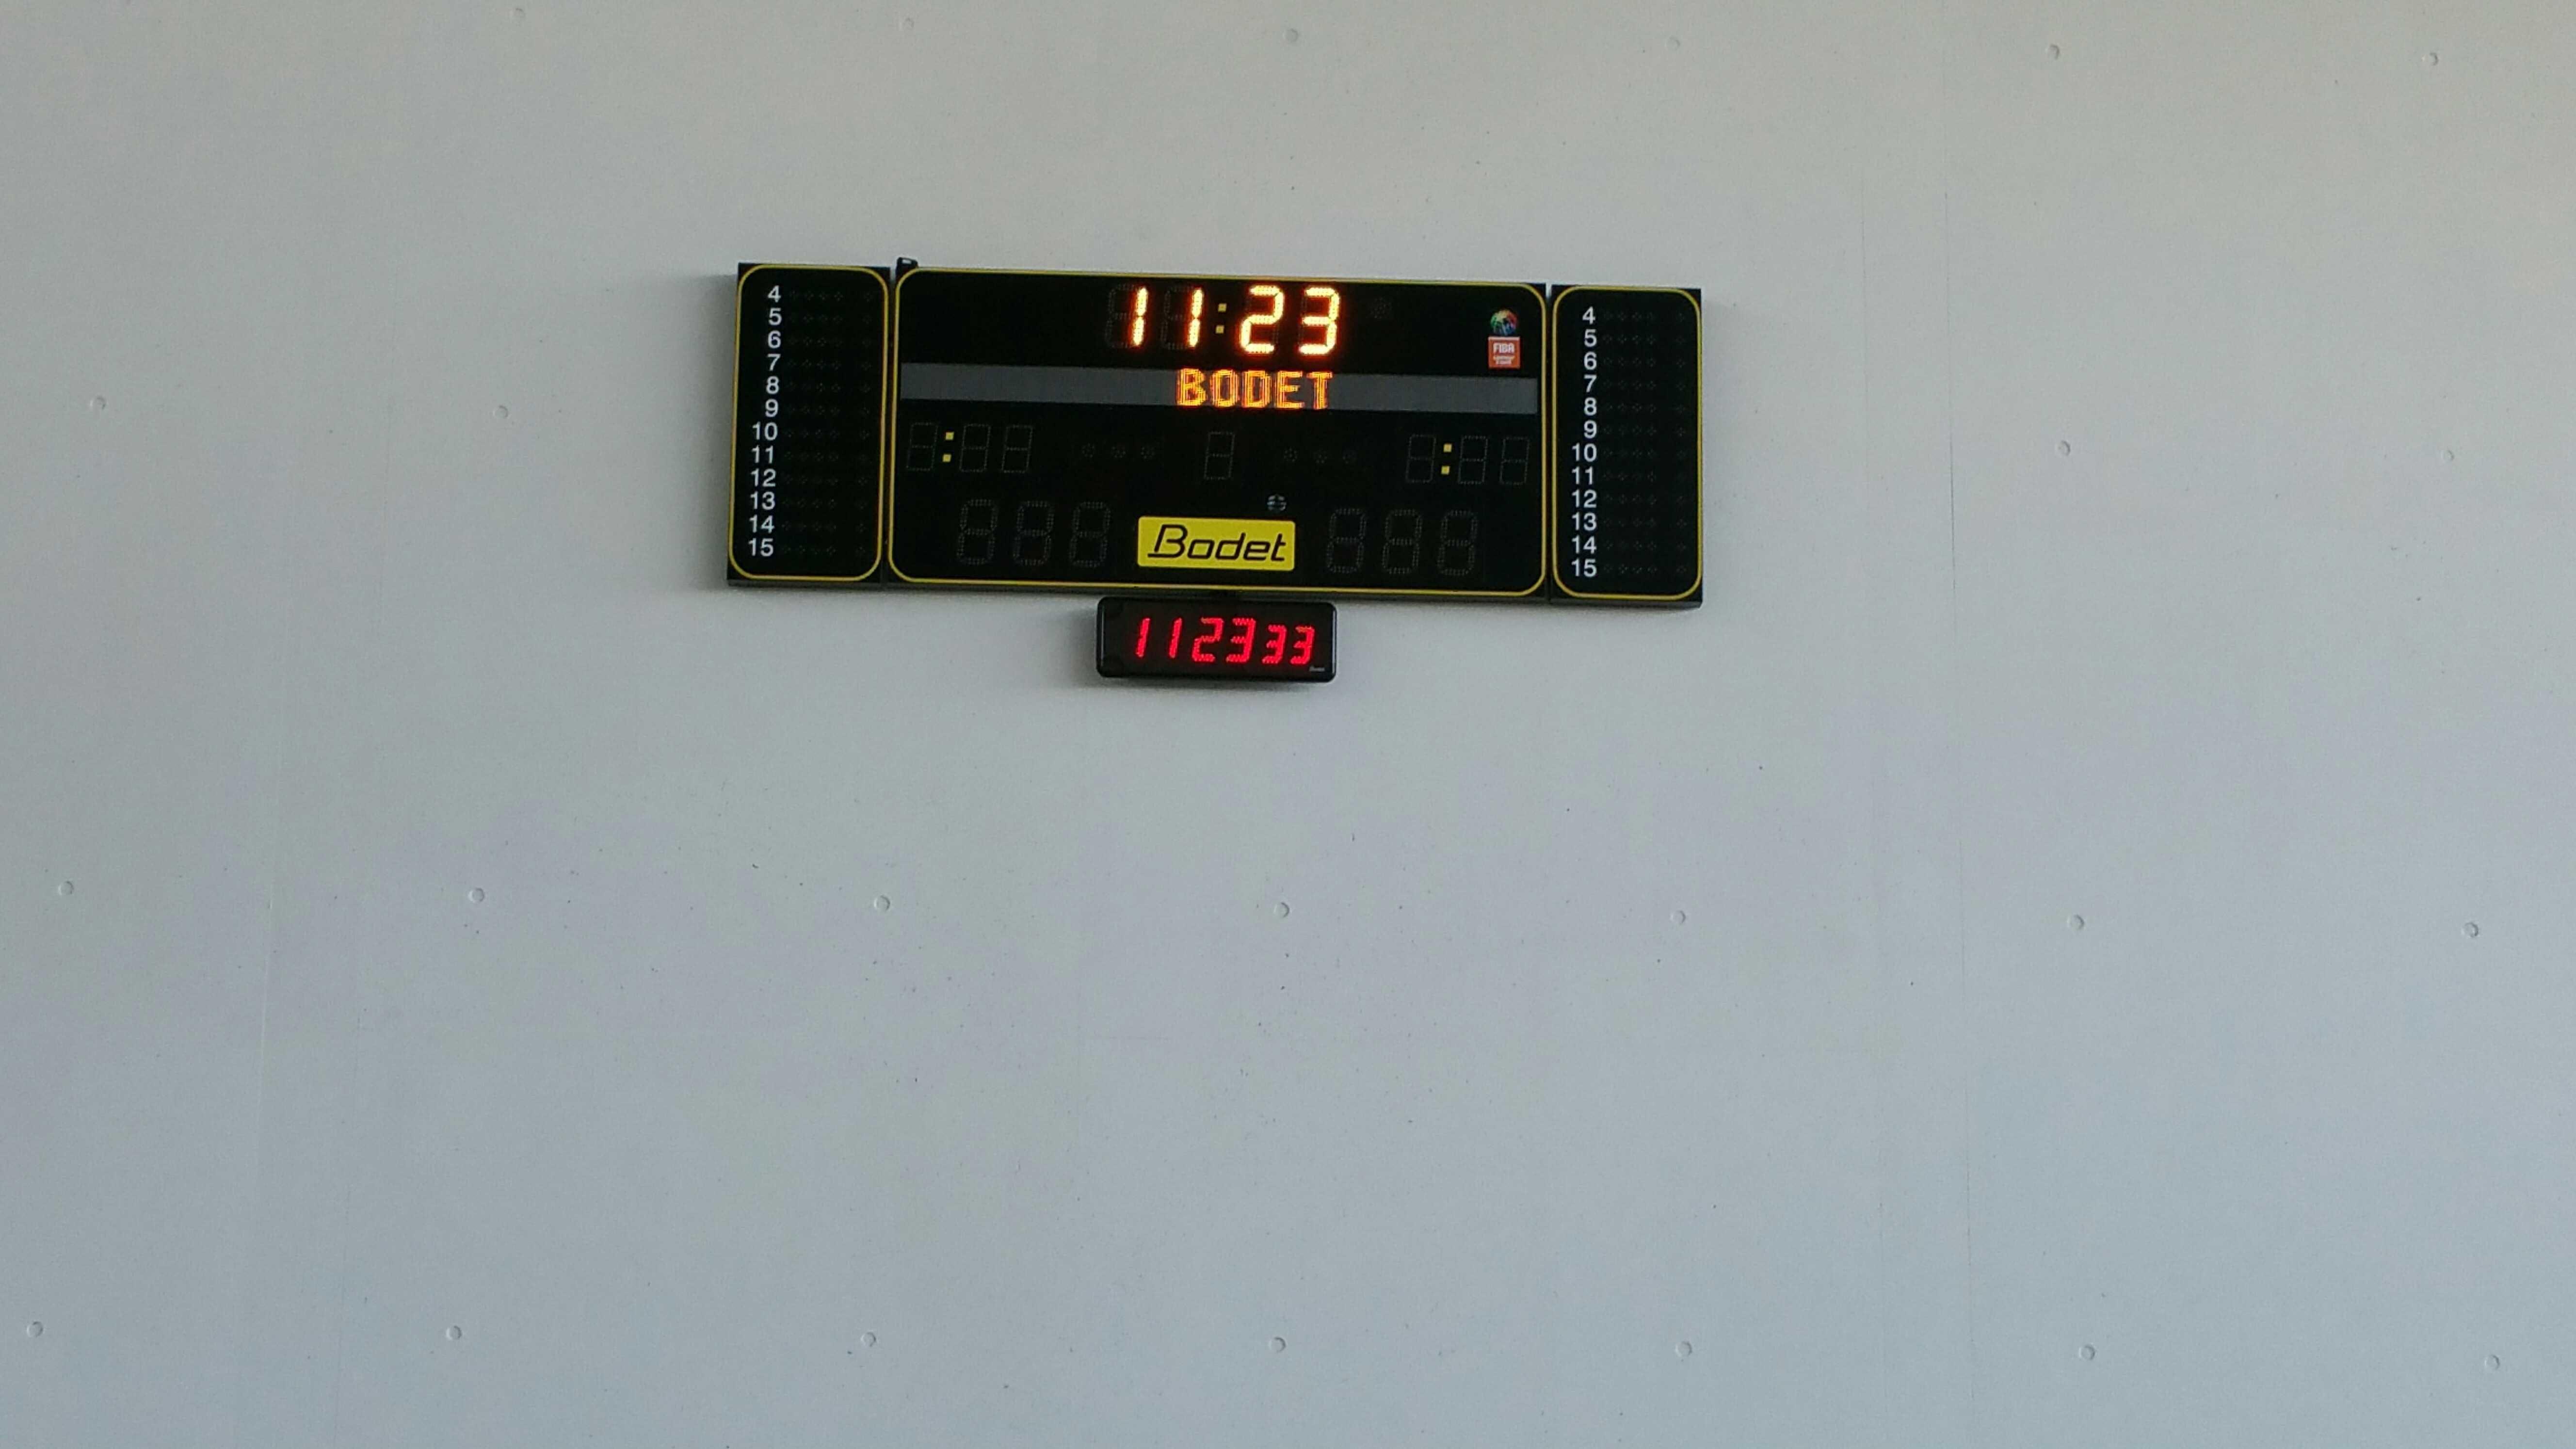 Tableau d'affichage sportif Bodet BT6220 installé dans la